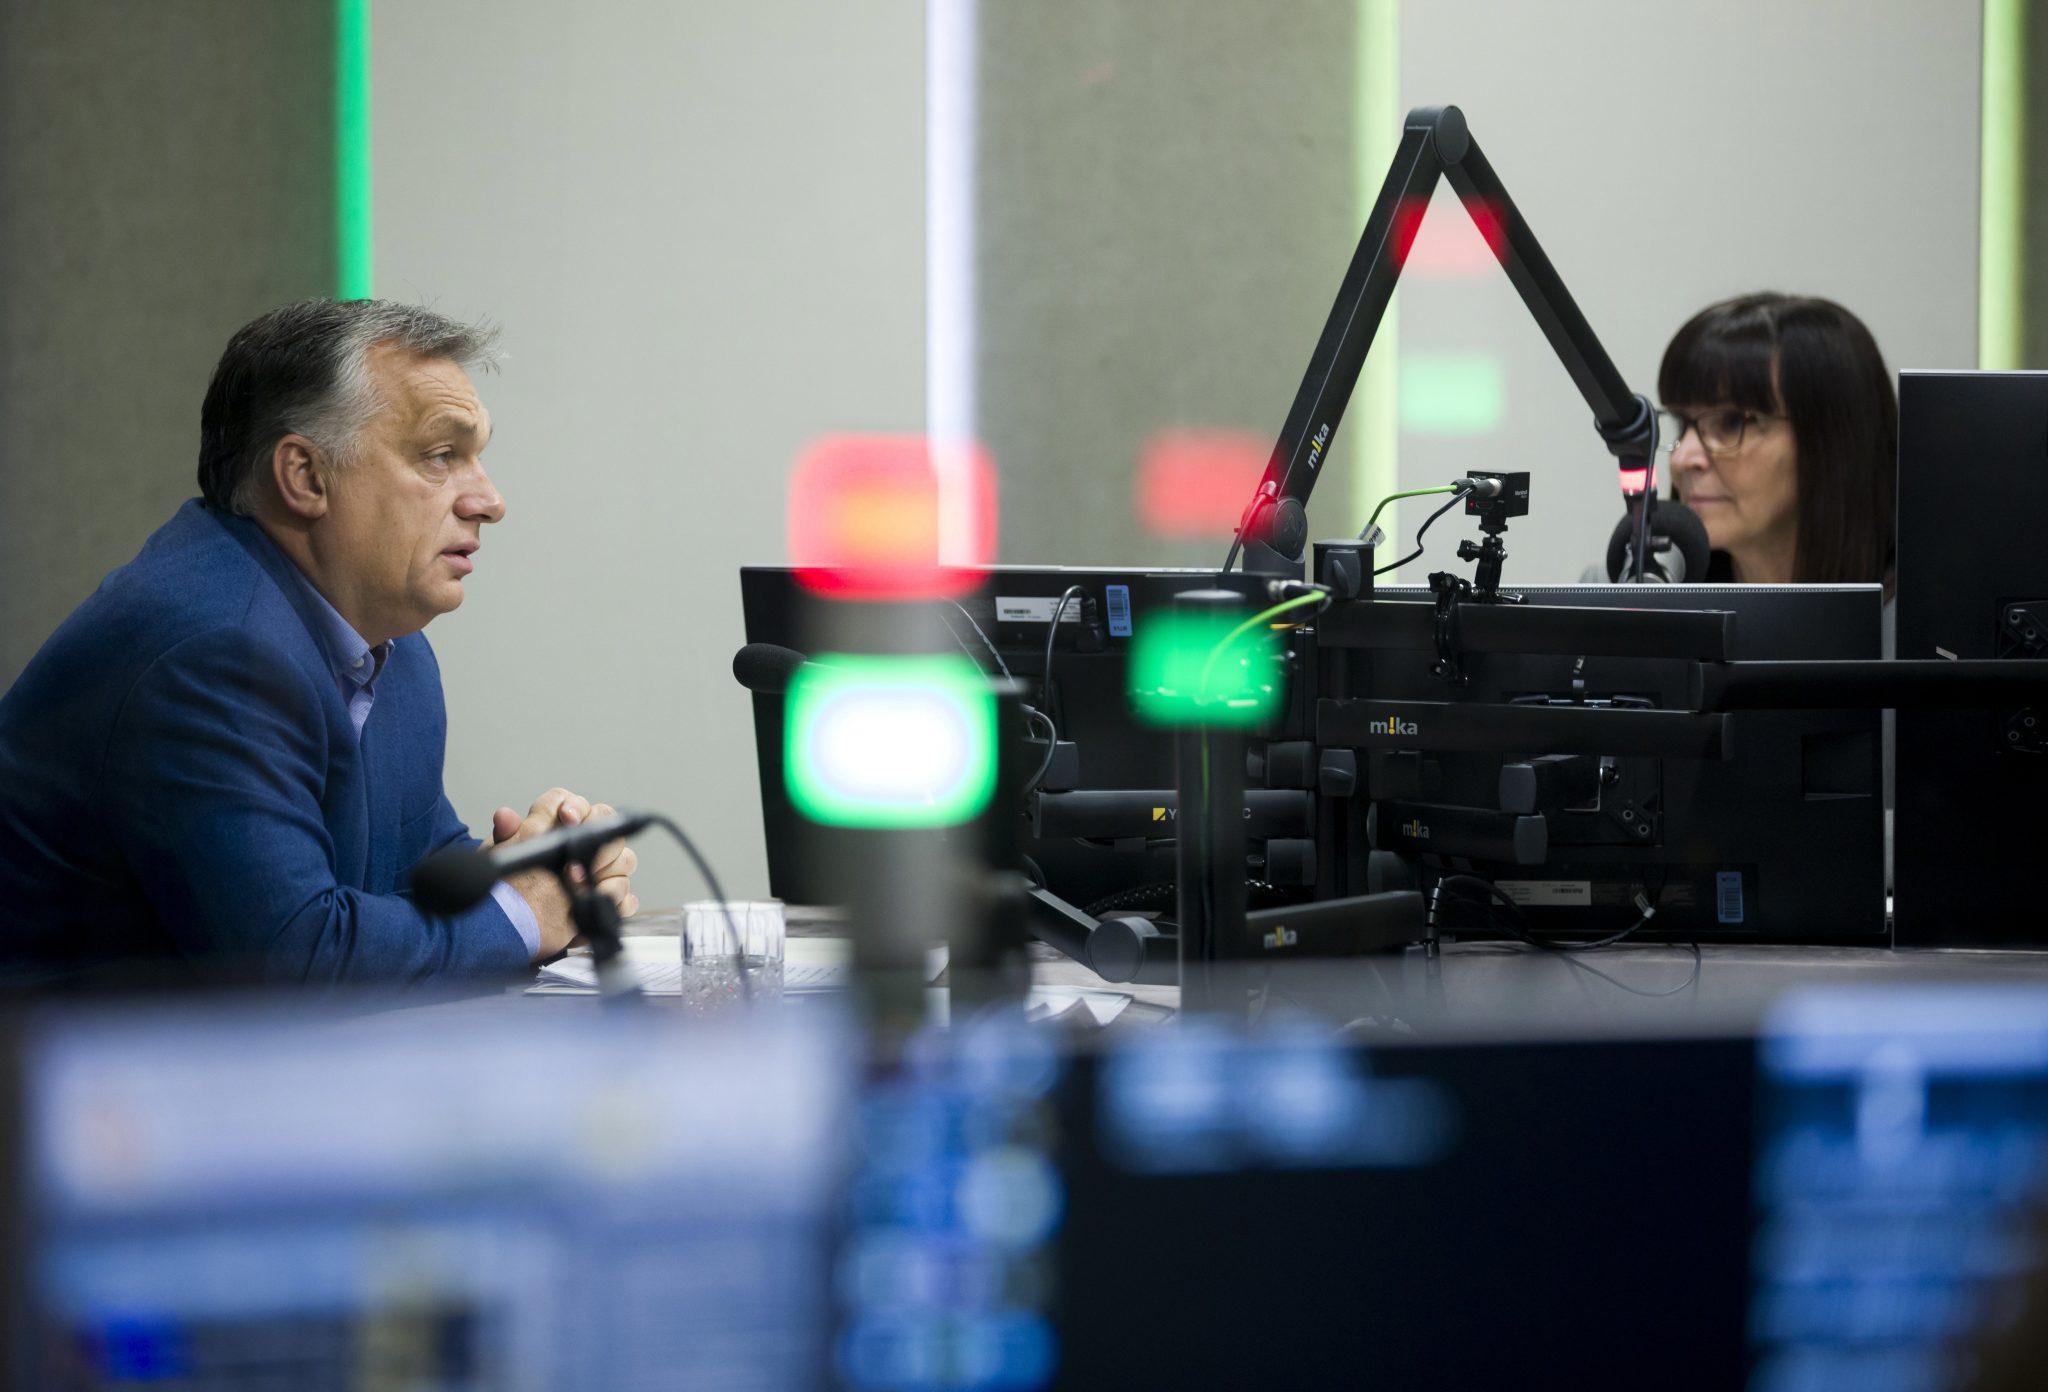 Orbán: Soros 'Threatening Hungary, Poland'